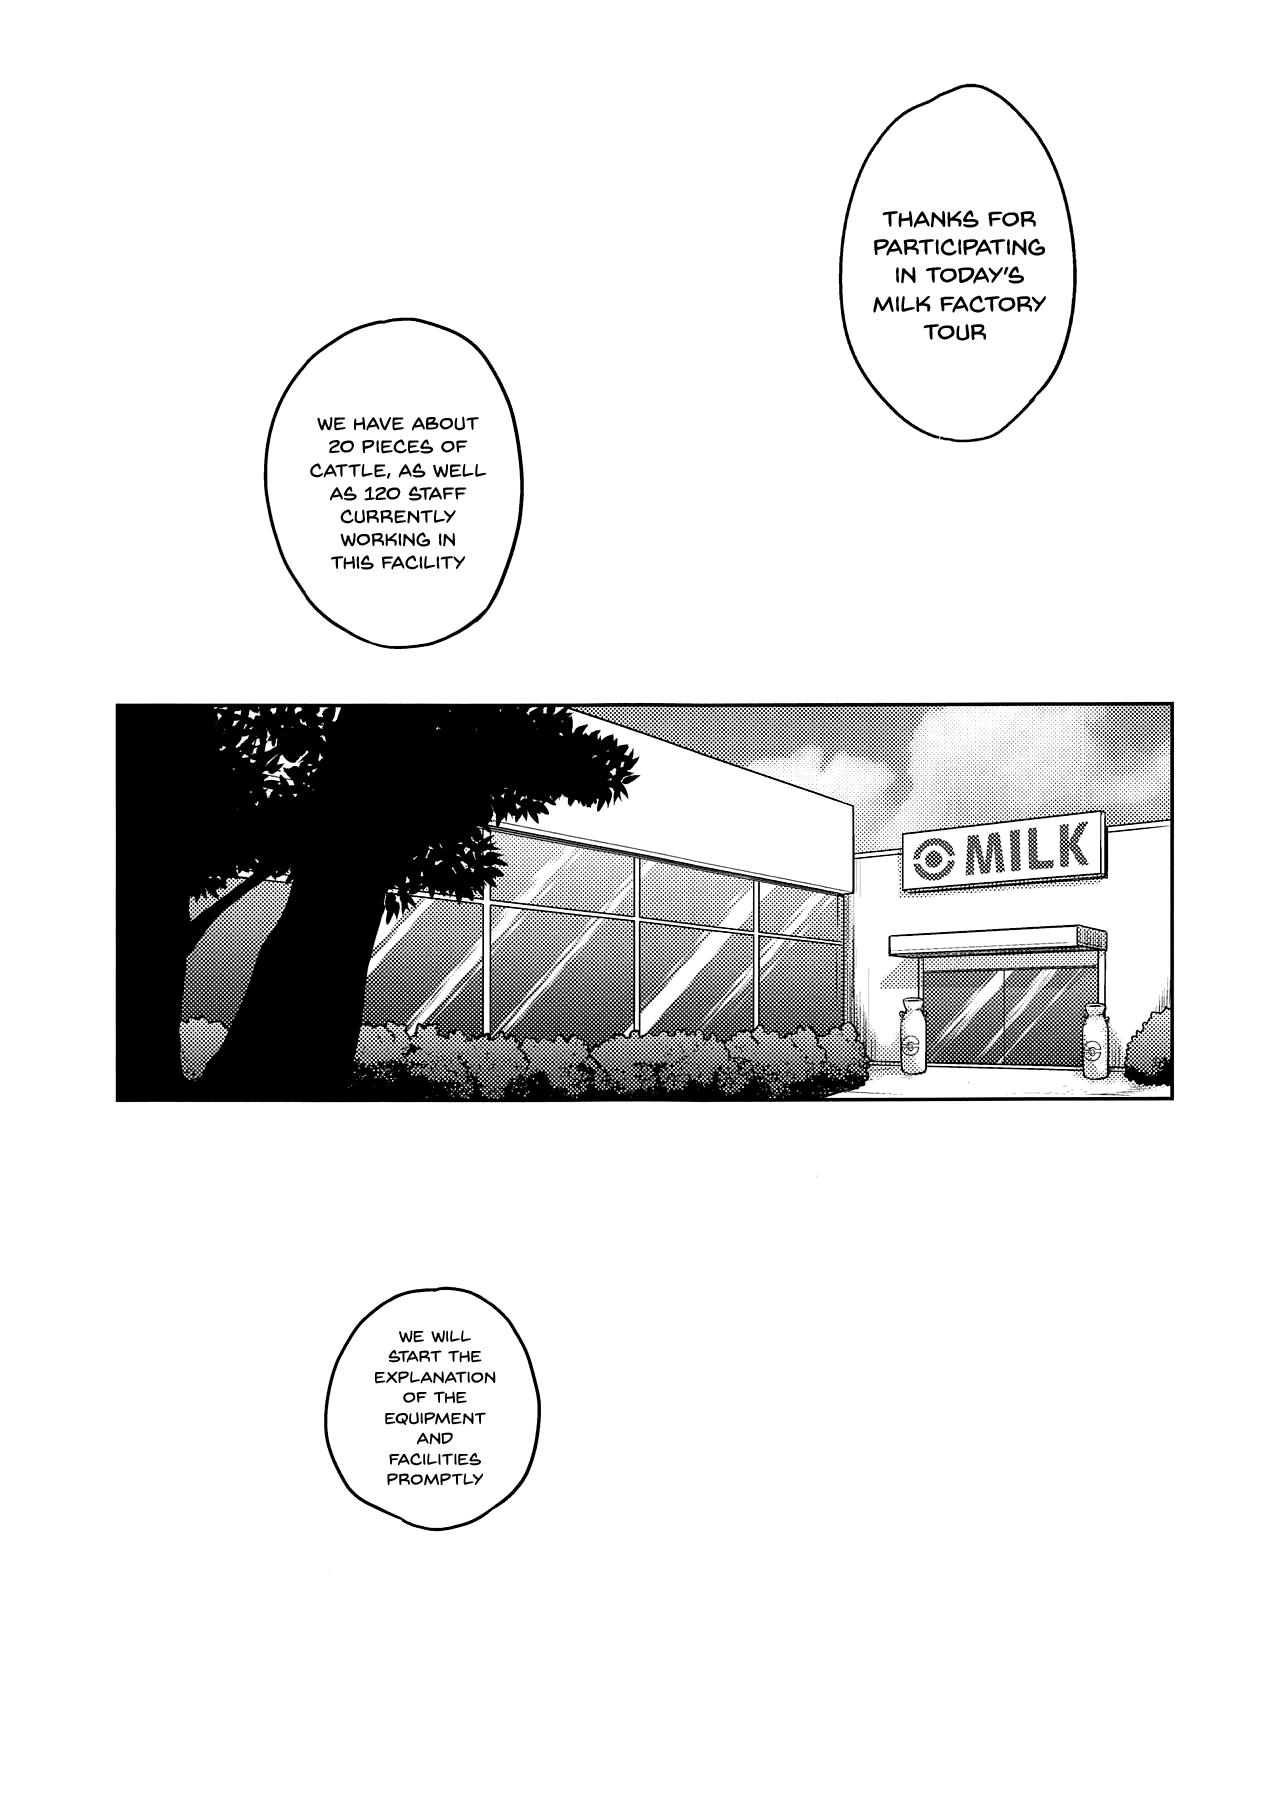 (COMIC1☆15) [Choujikuu Yousai Kachuusha (Denki Shougun)] Occult Mania-chan no Milk Factory Junbichuu | Occult Mania-chan's Milk Factory is in Preparation (Pokémon) [English] {Doujins.com} 1